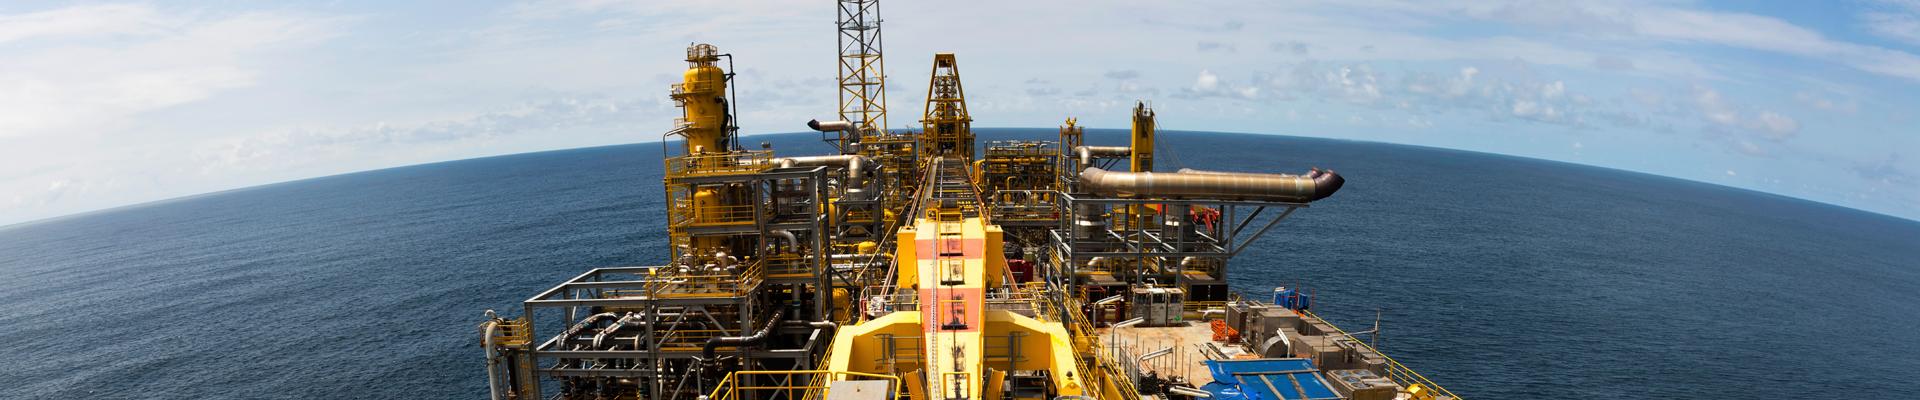 delitek-offshore